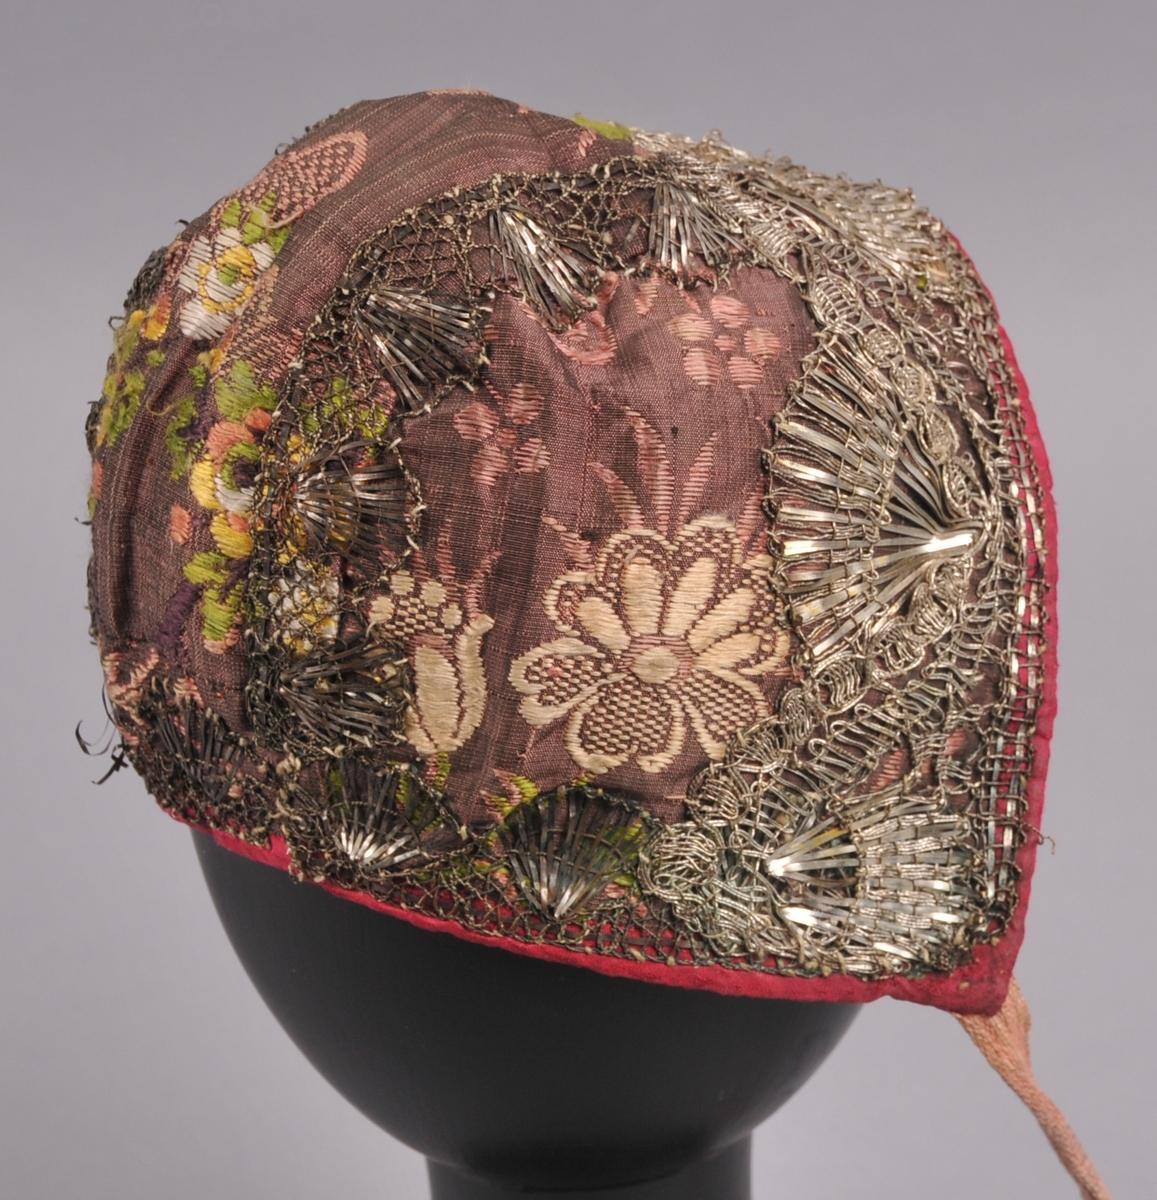 Form: Luve sett saman av tre stykkje. Luva er av silkebrokade, er kanta med raud silke, har ein  breid sylvknipling framme og ein smalar sylvknipling rundt nakken og over saumane bak. Foret er to ulike stofftyper, ei einsfarga og ei med trykt mønster.